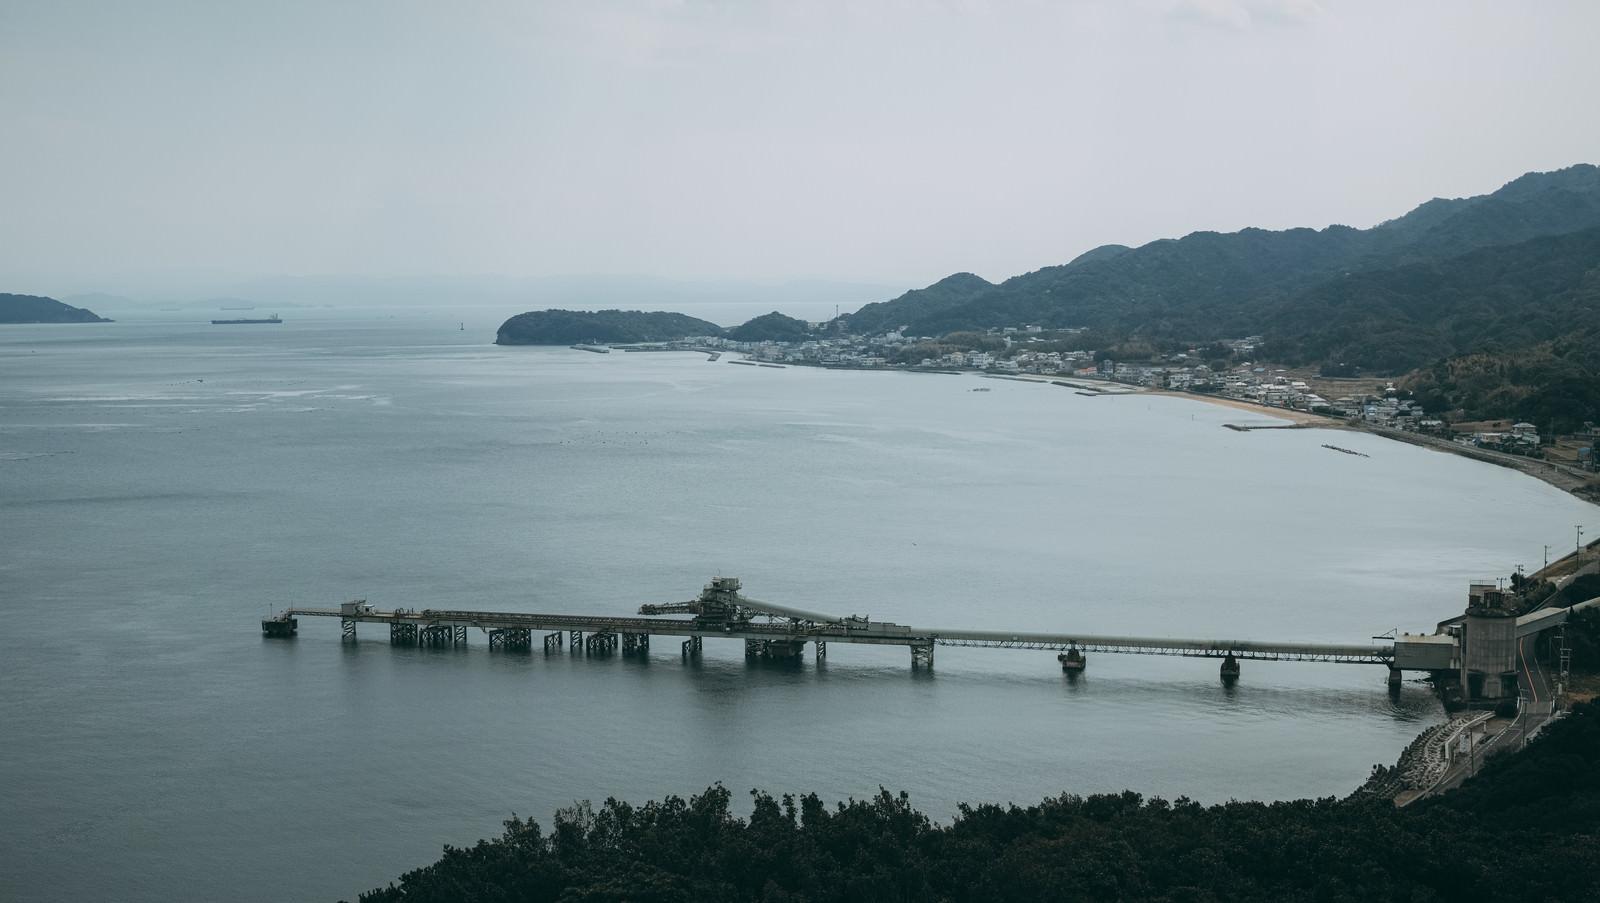 「静かな海と工場を繋ぐ橋」の写真